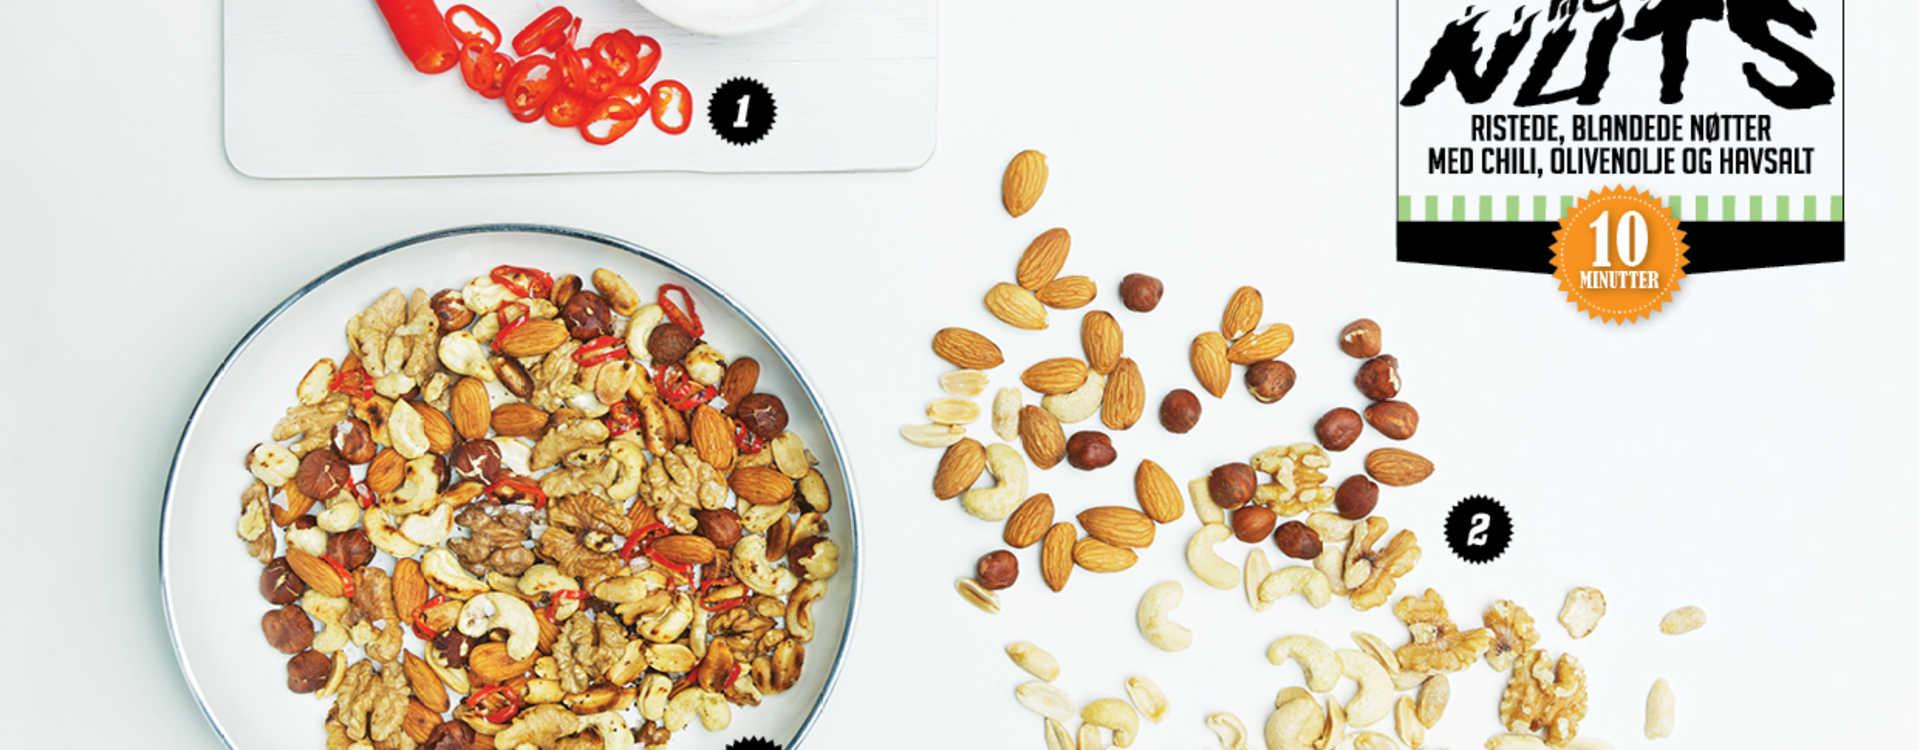 Hot Nuts Ristede, blandede nøtter med chili, olivenolje og havsalt